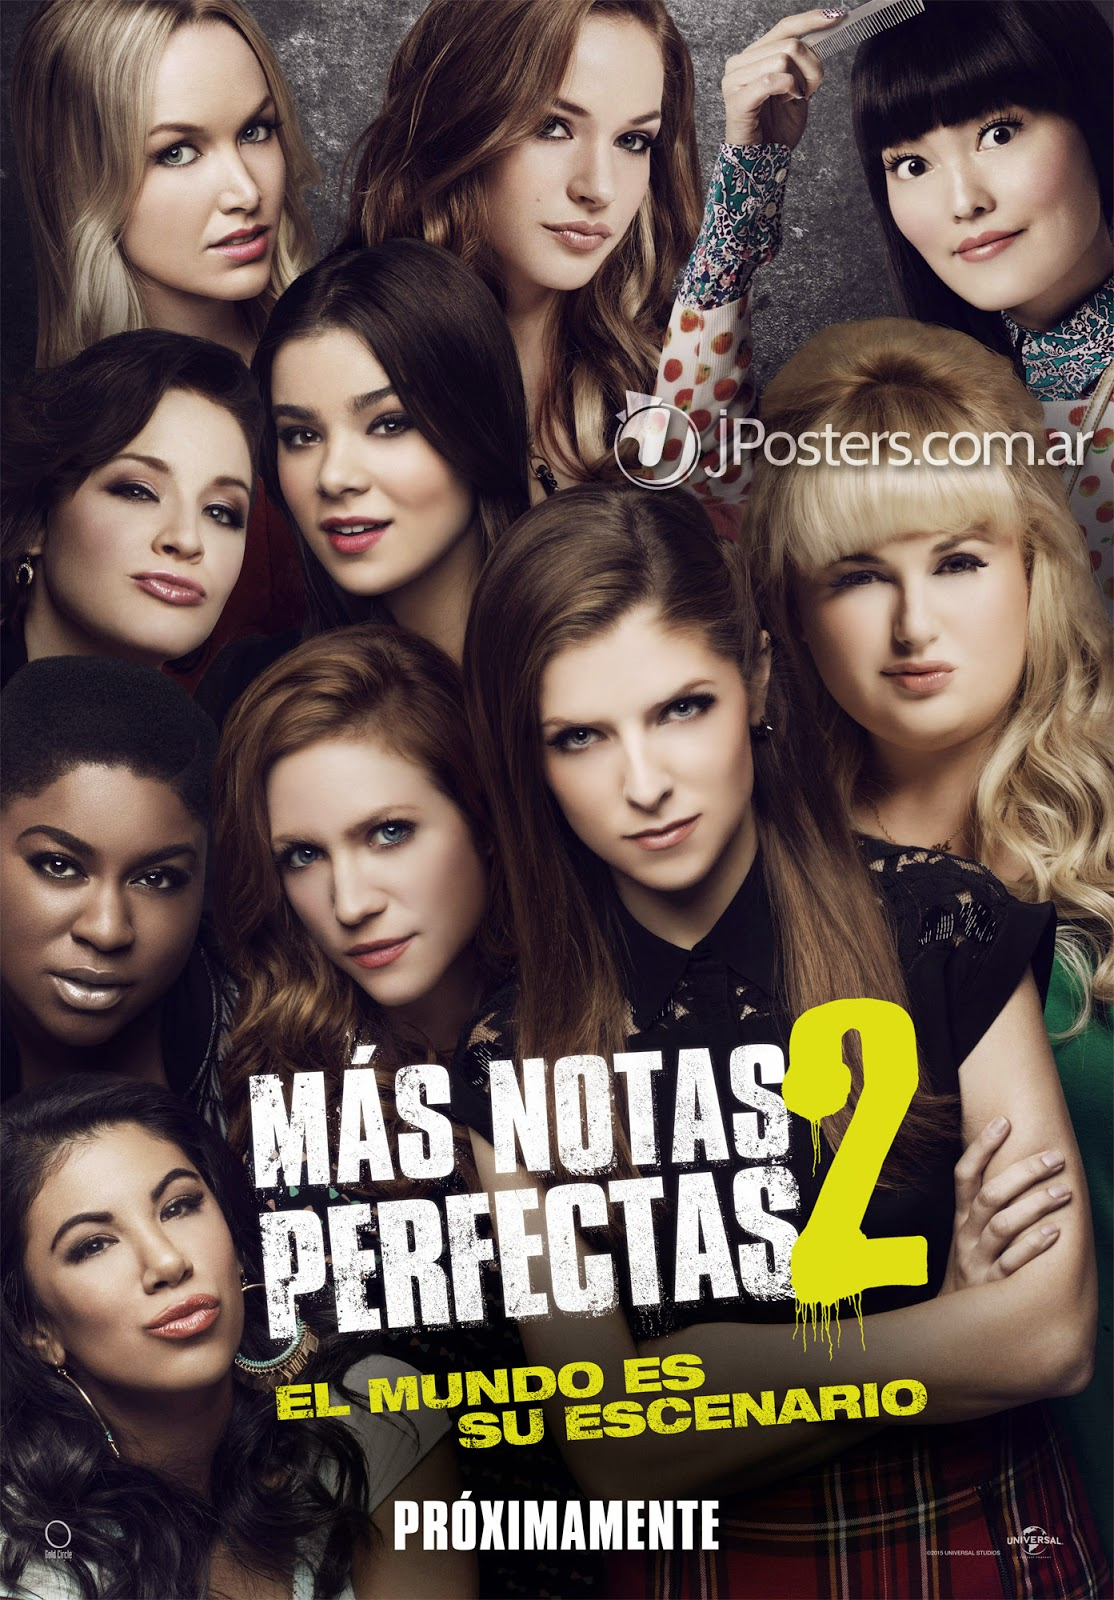 Más notas perfectas 2 (2015)